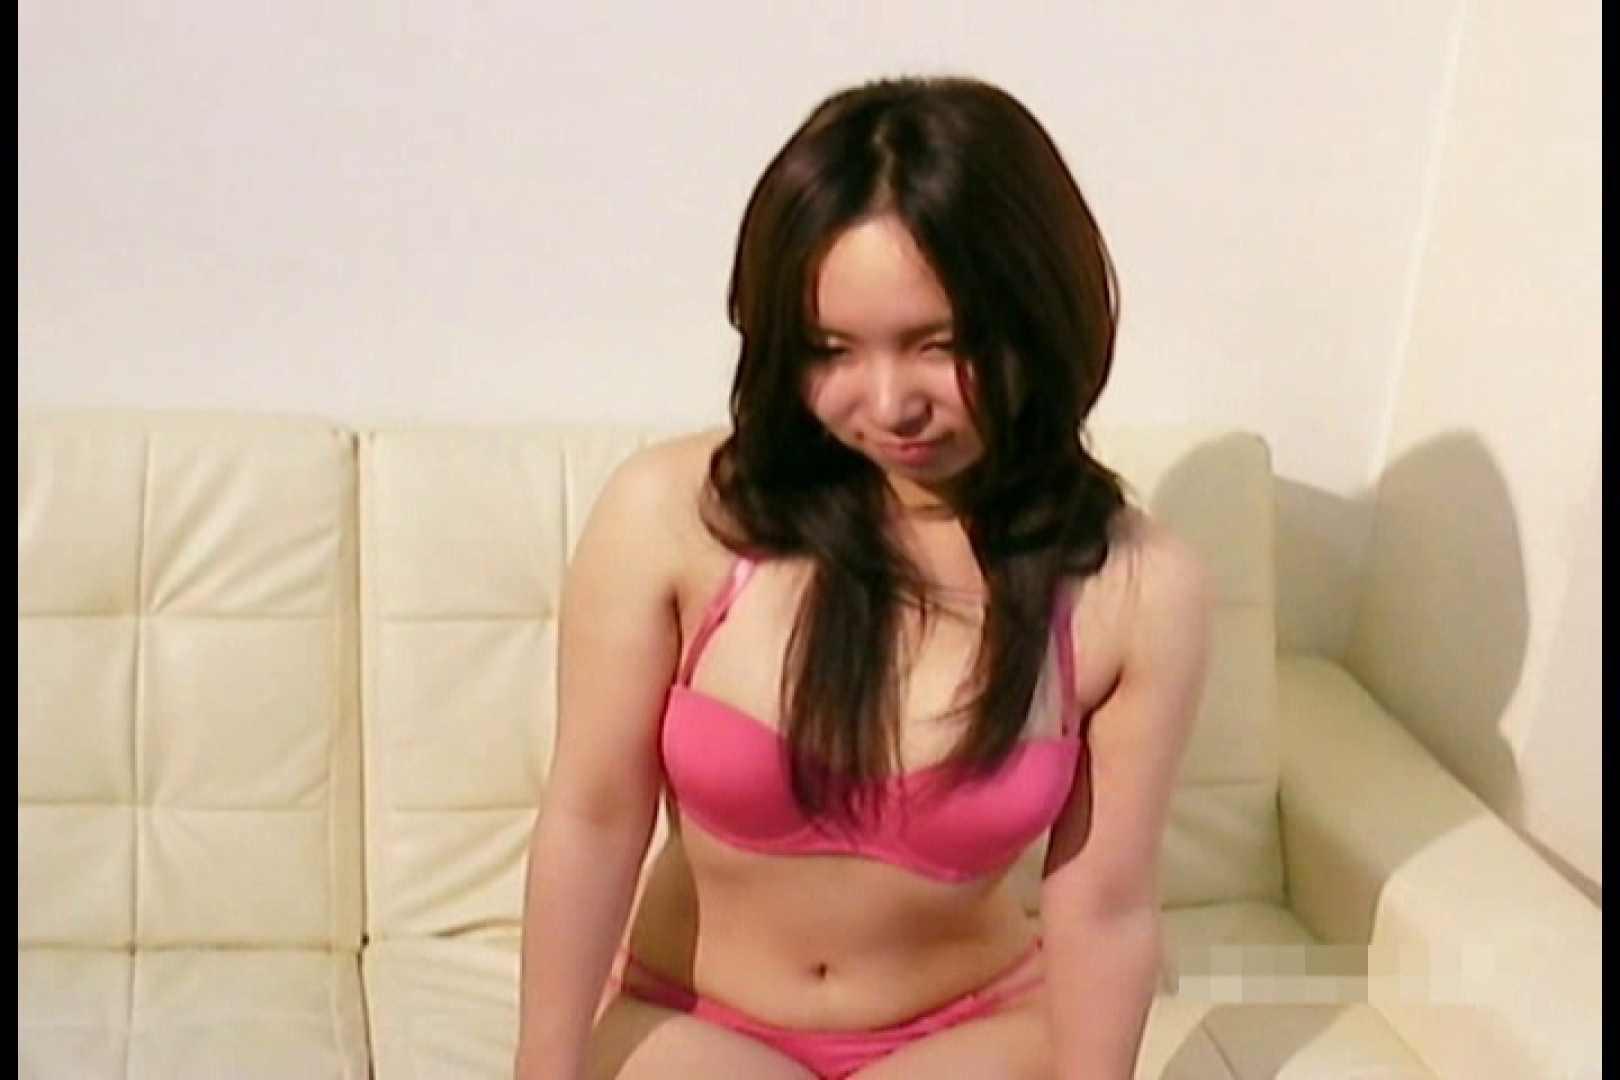 素人撮影 下着だけの撮影のはずが・・・ゆうか18歳 素人 AV無料動画キャプチャ 102pic 48